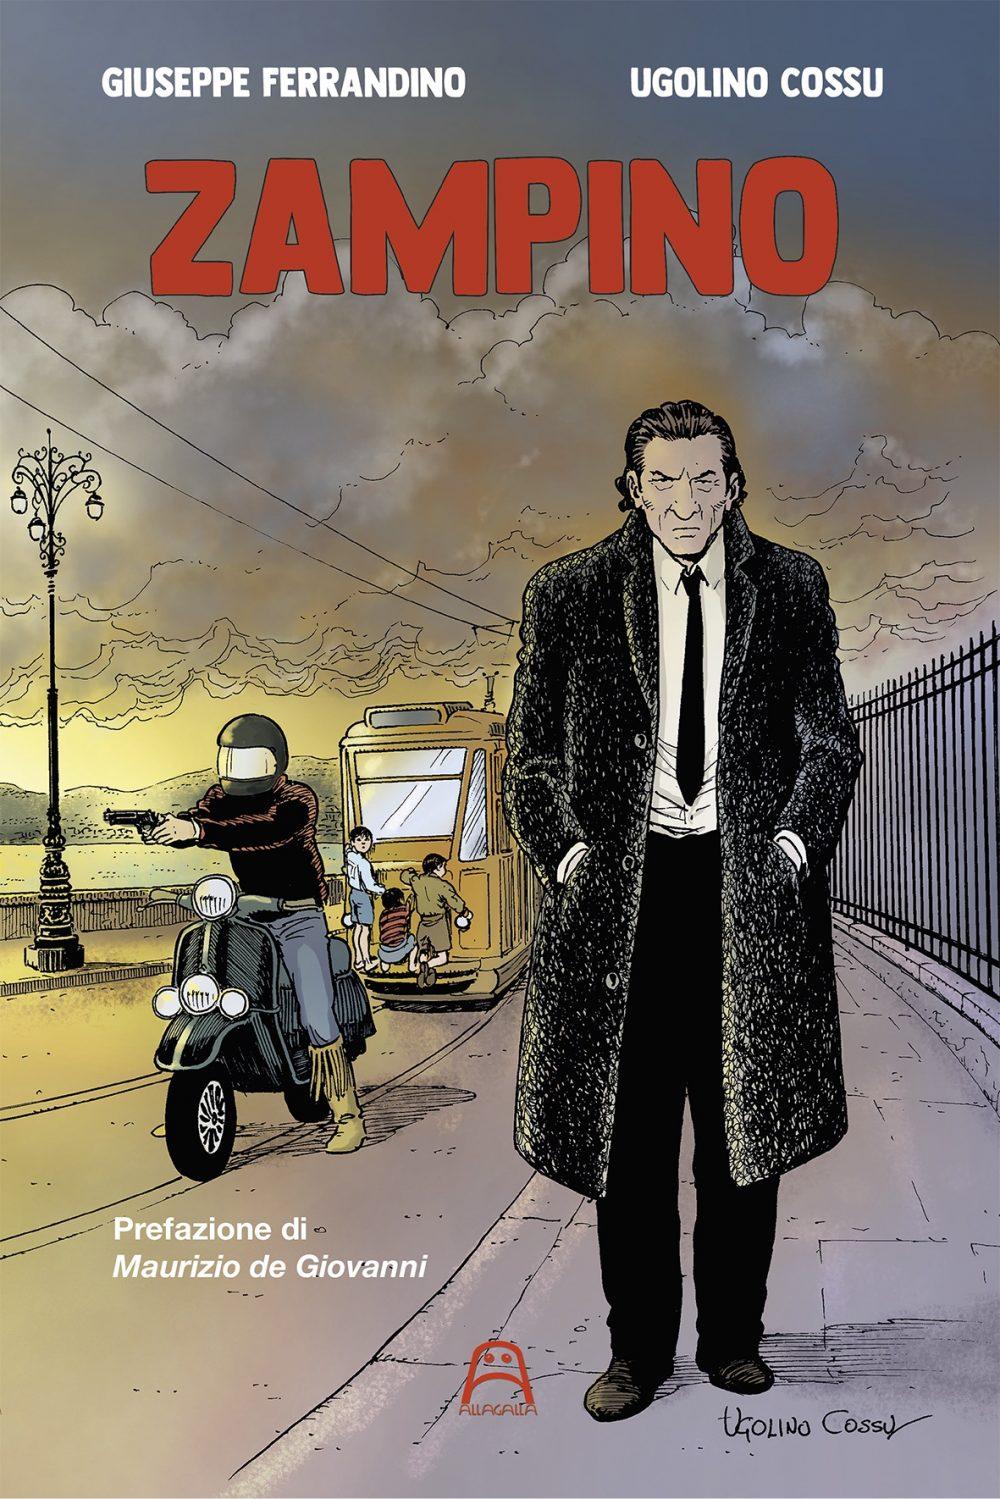 Zampino, copertina di Ugolino Cossu, Simona Accettura